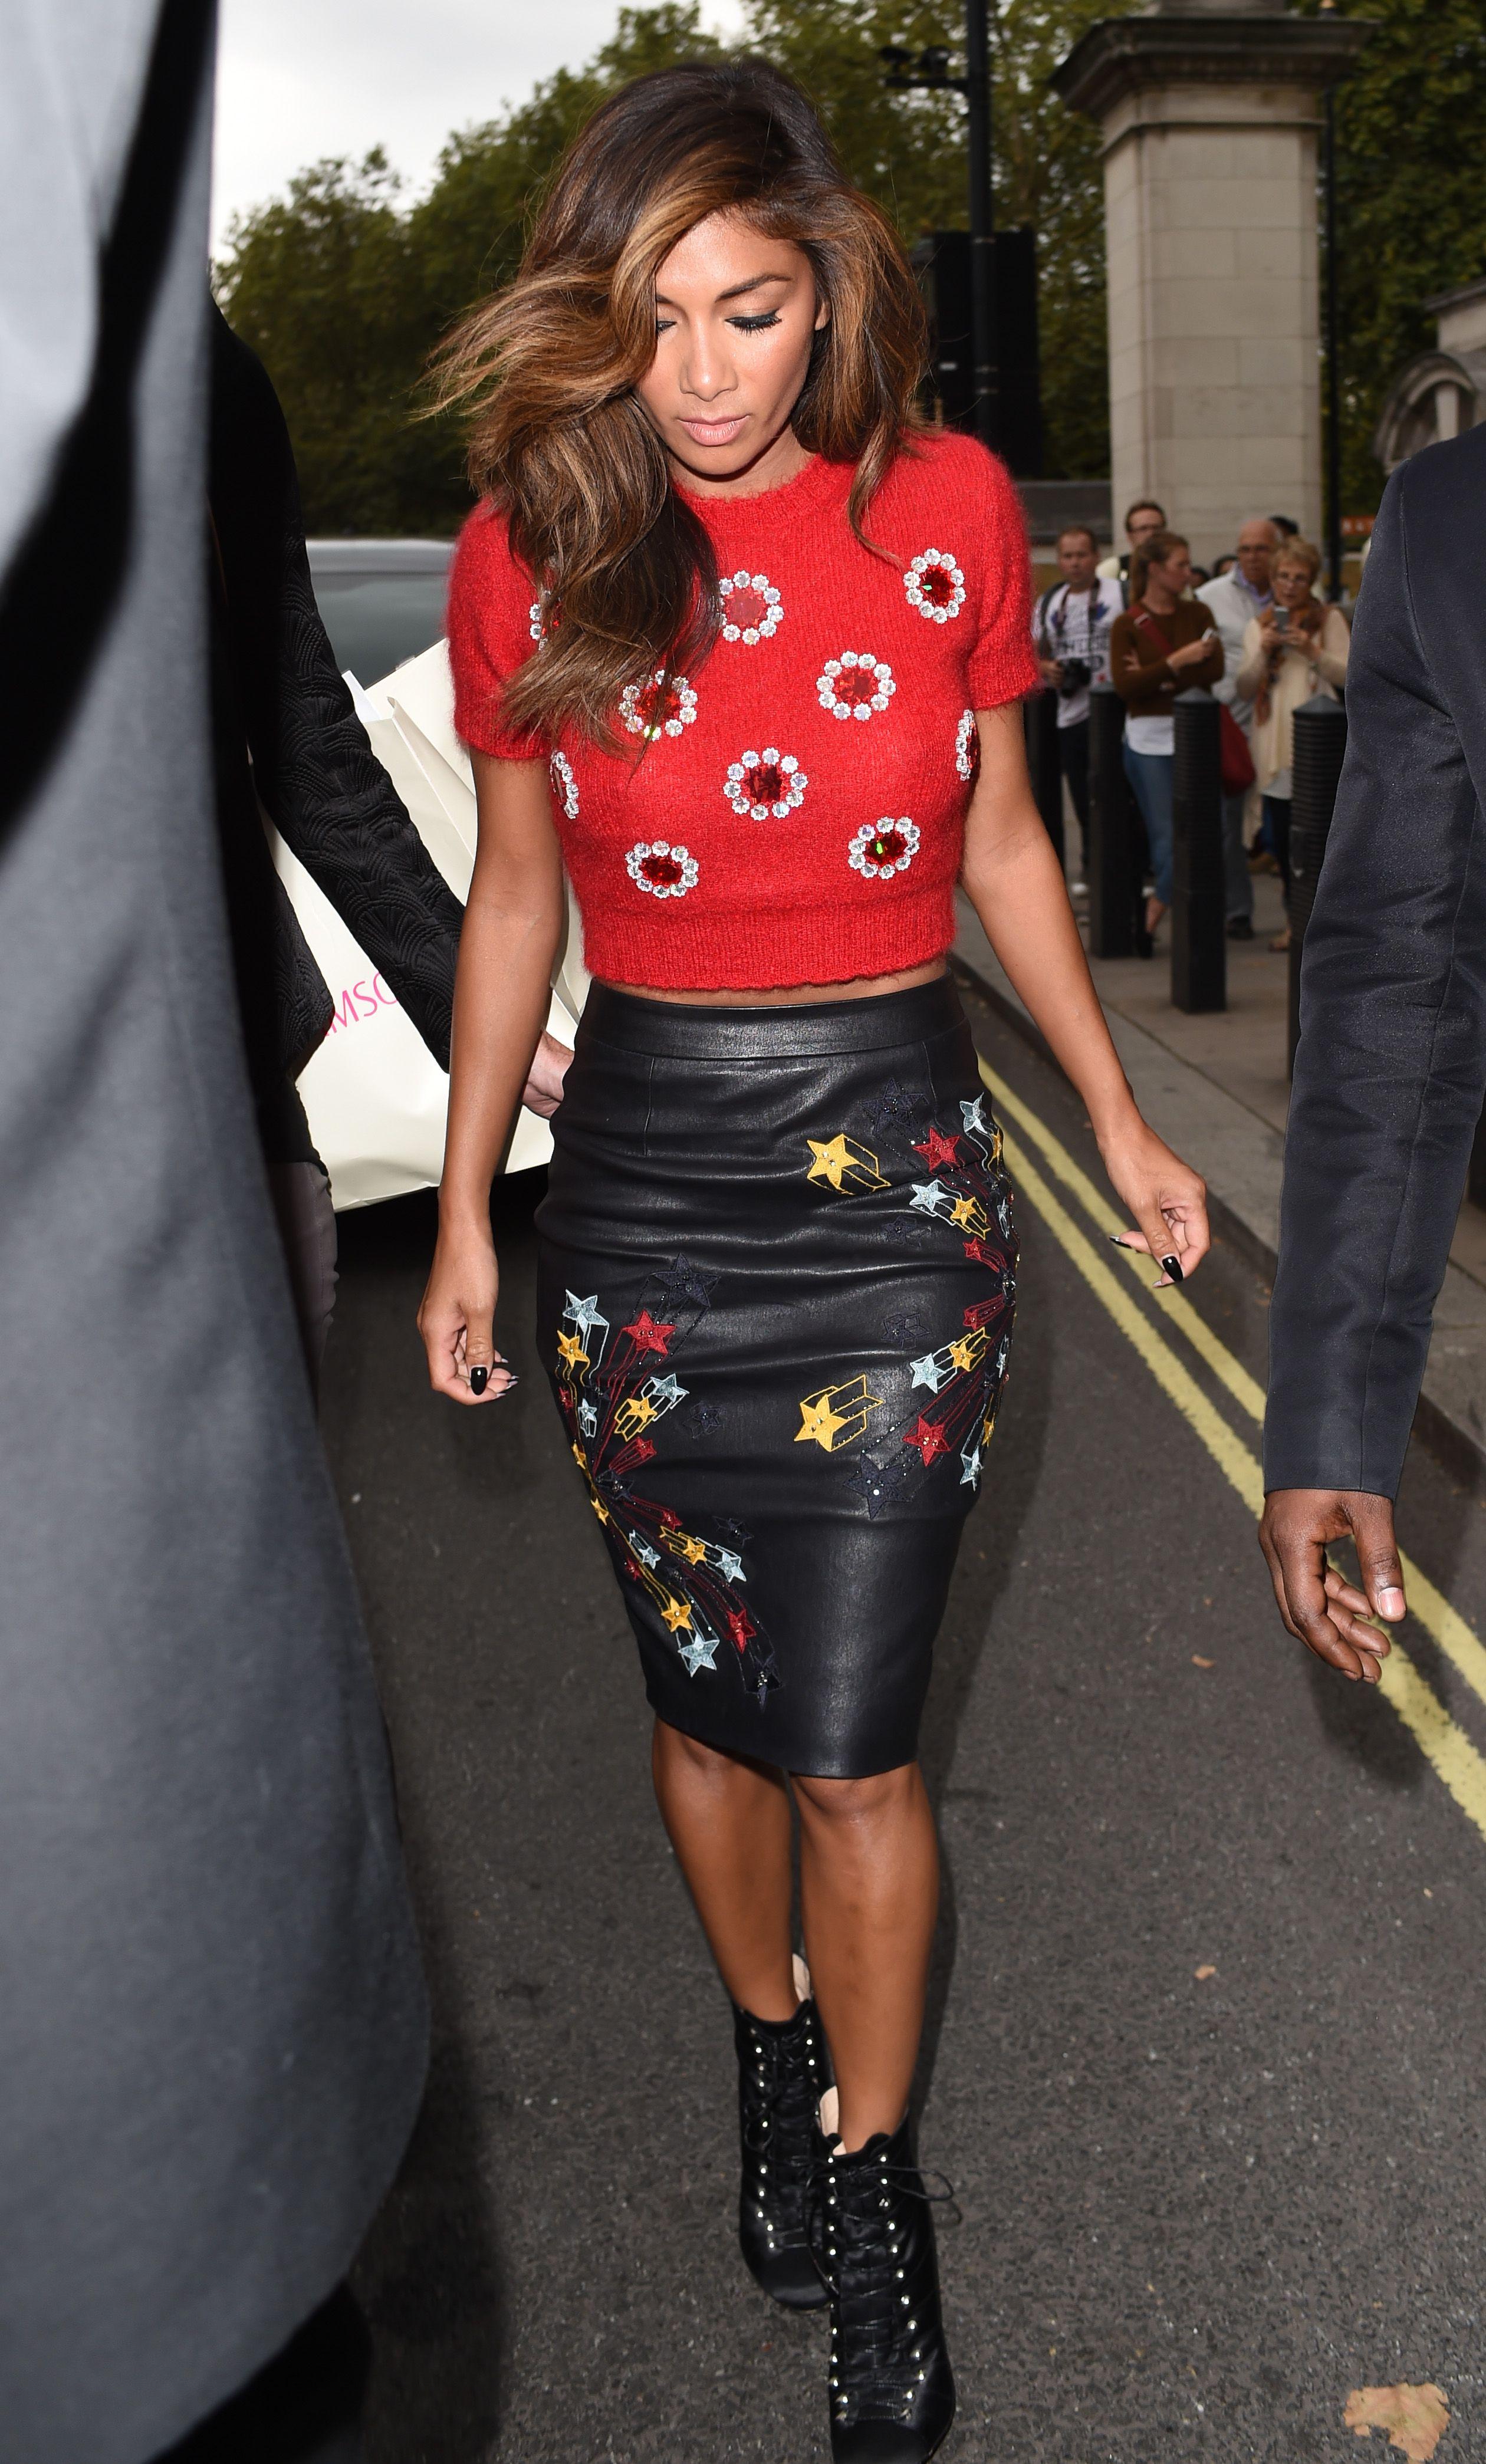 Nicole Scherzinger Matthew Williamson Show During London Fashion Week 140914